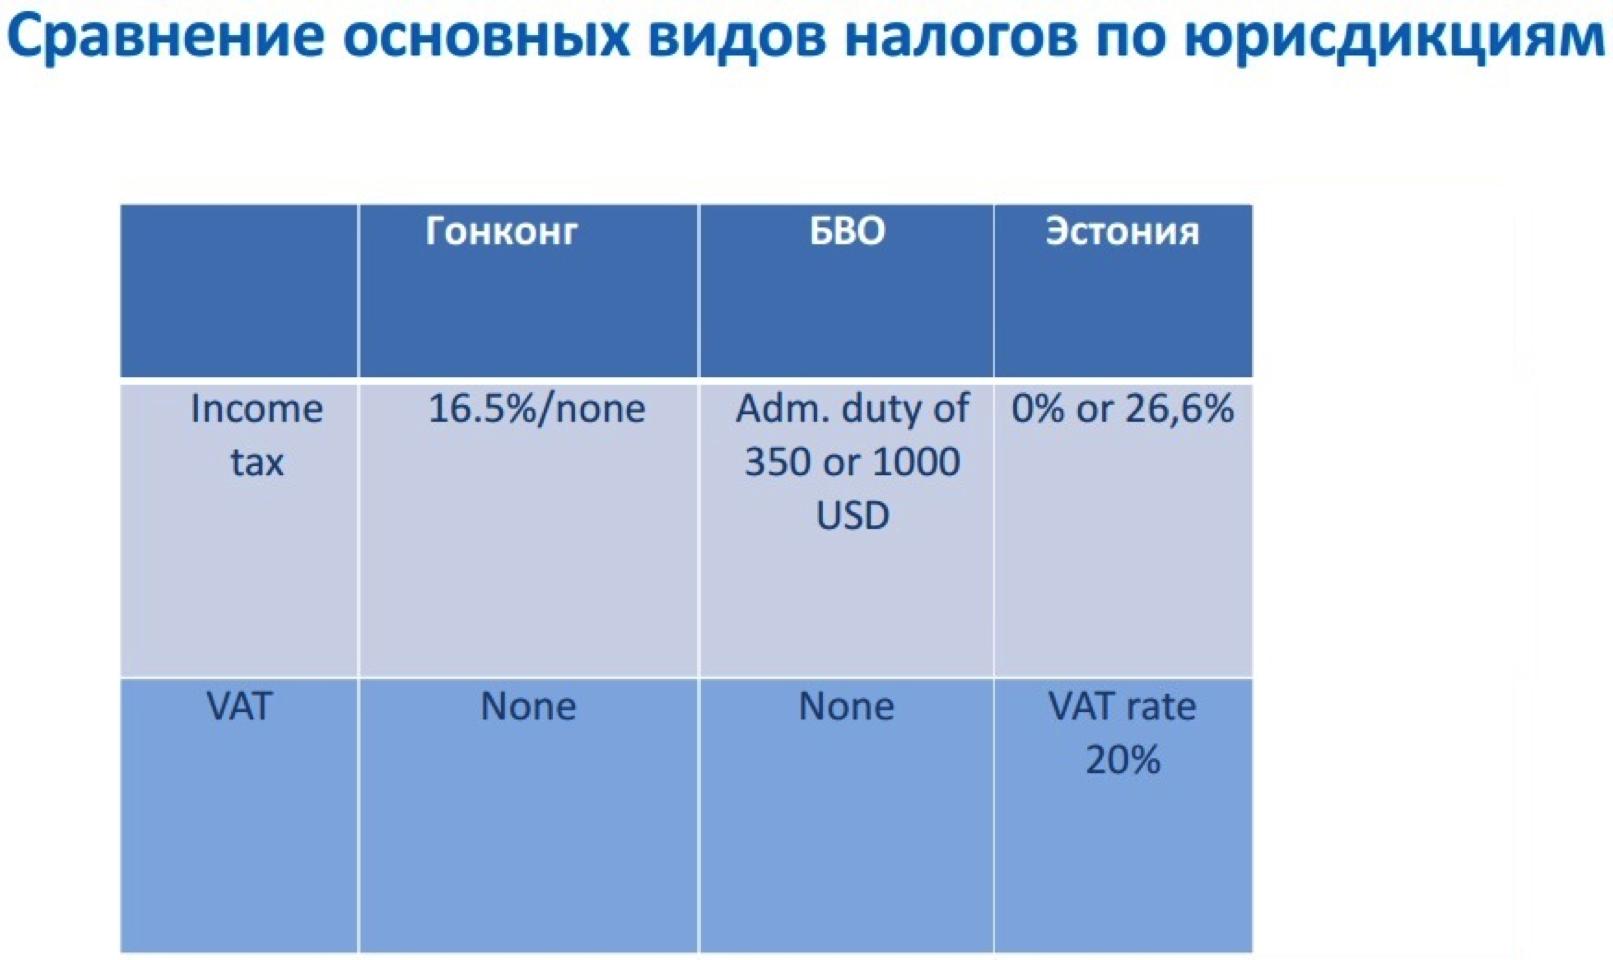 Компания на БВО, в Эстонии и Гонконге – плюсы и минусы - 7